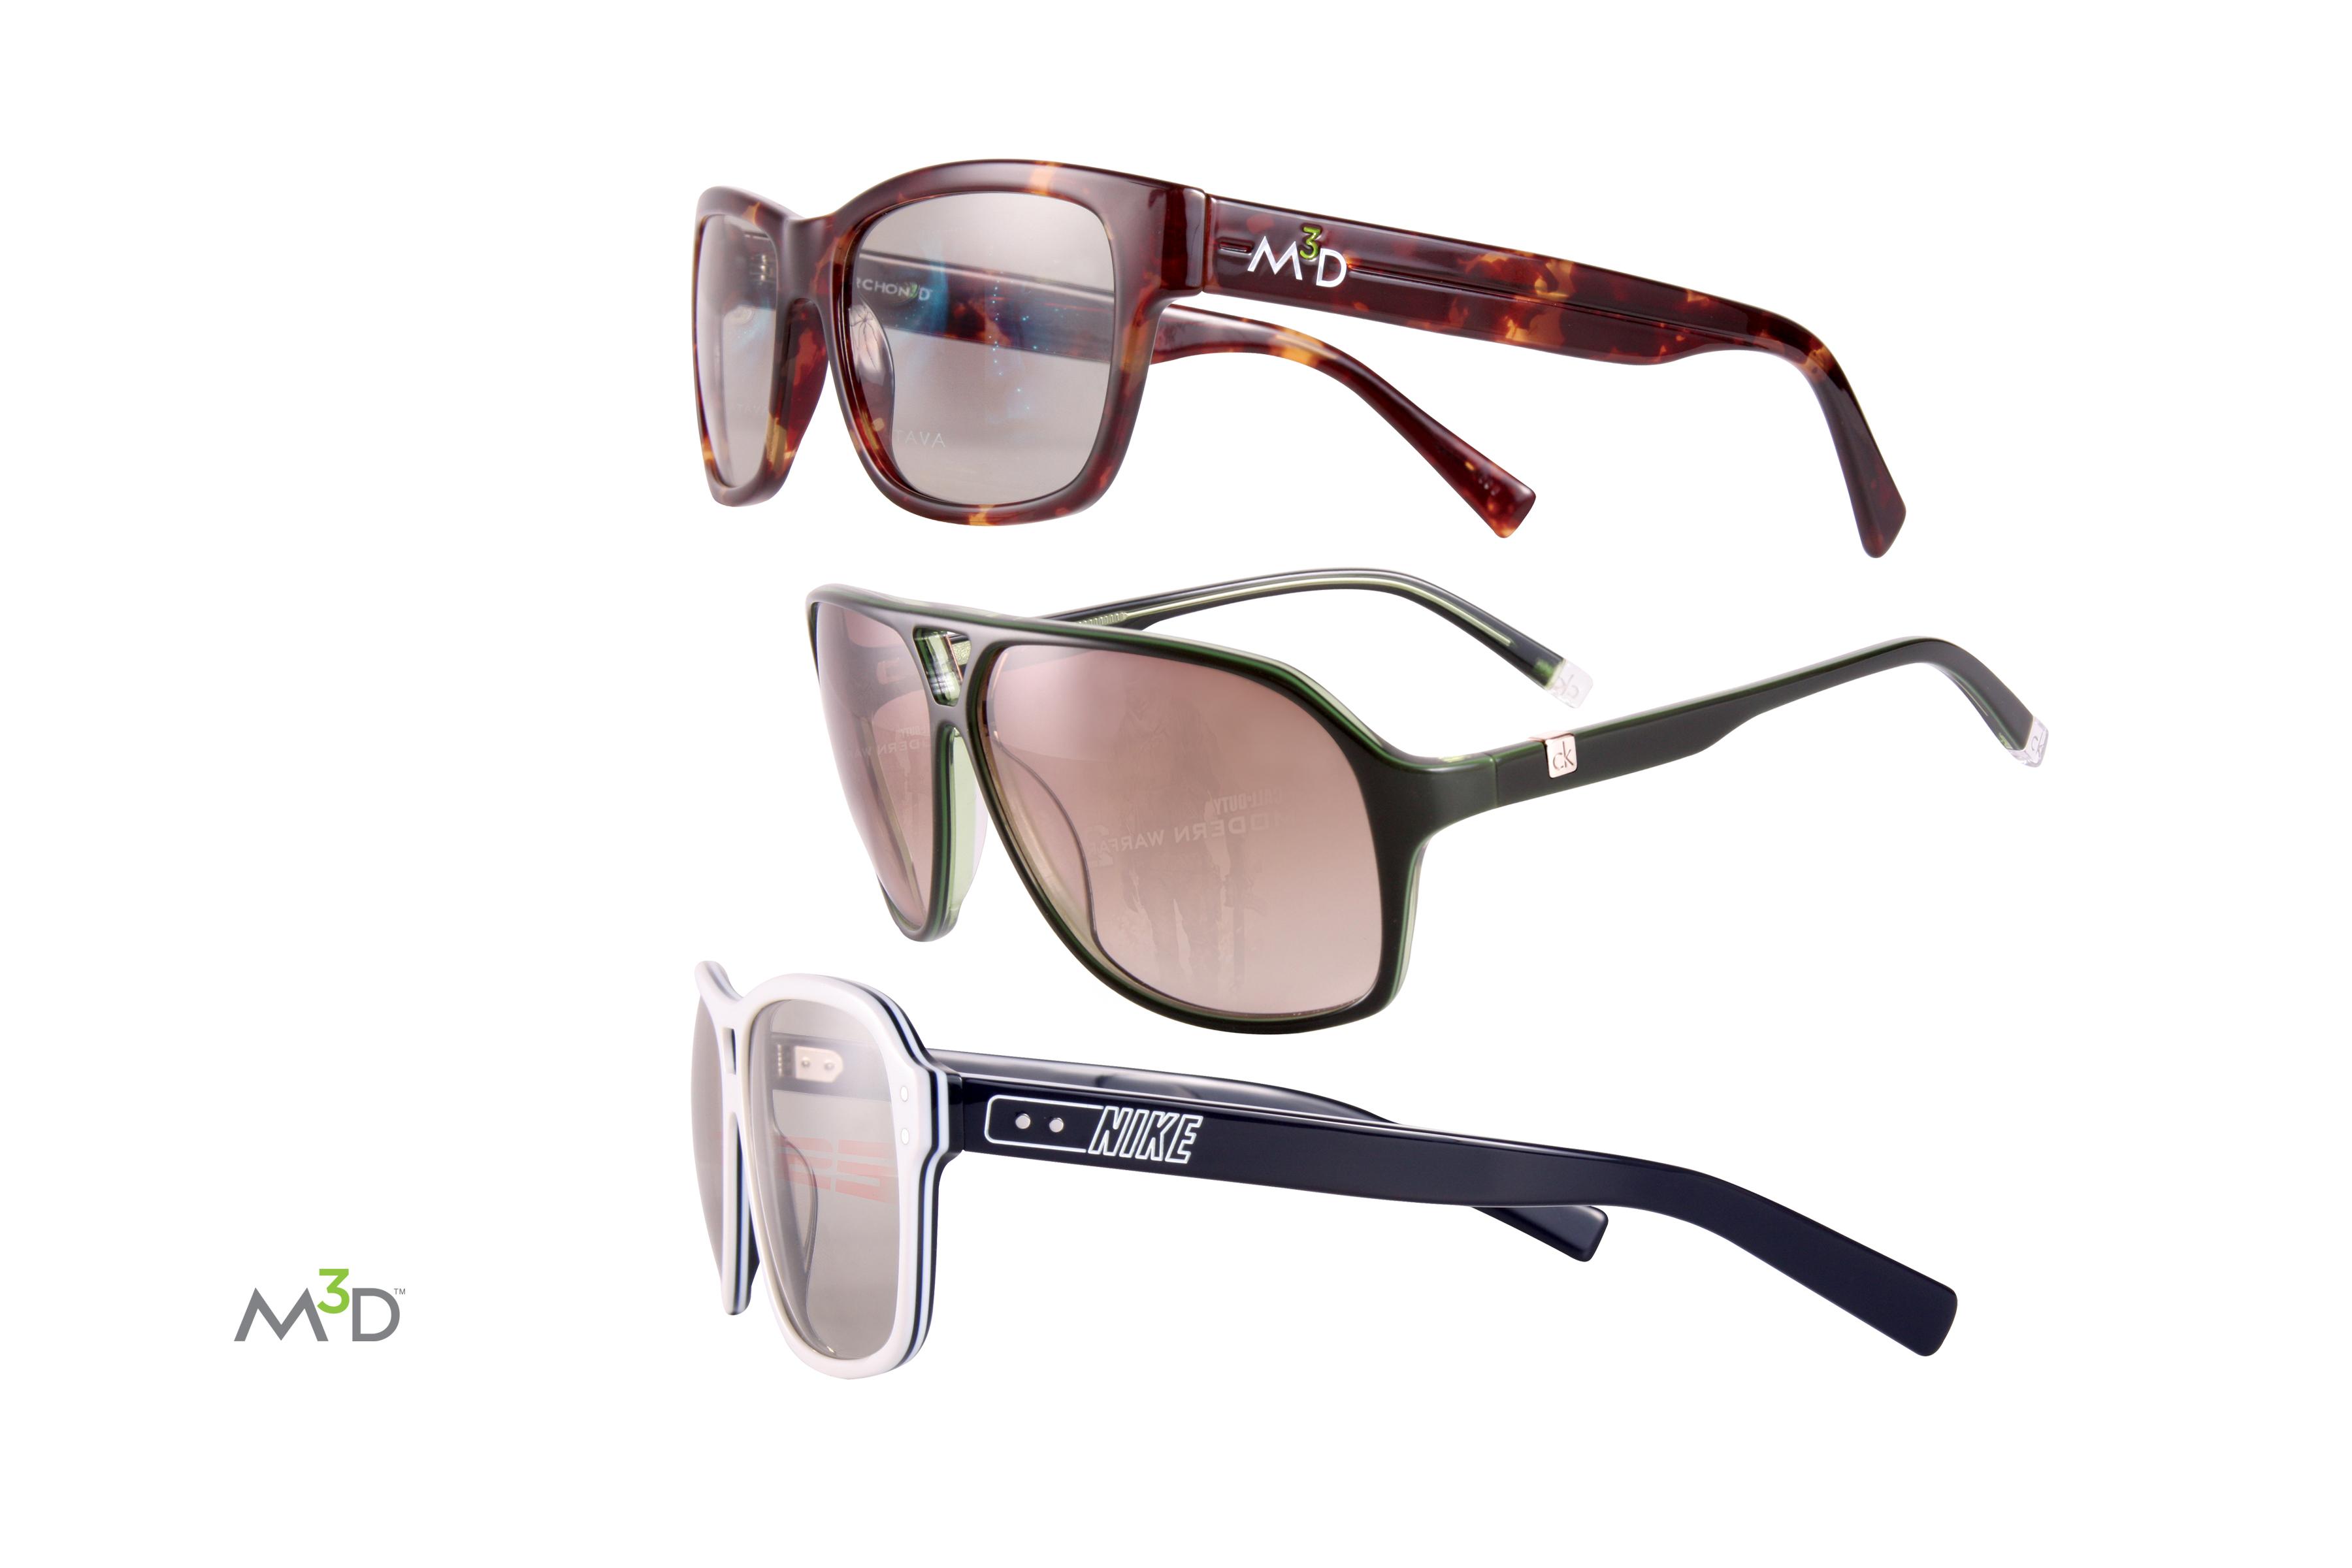 Marchon 3D eyewear